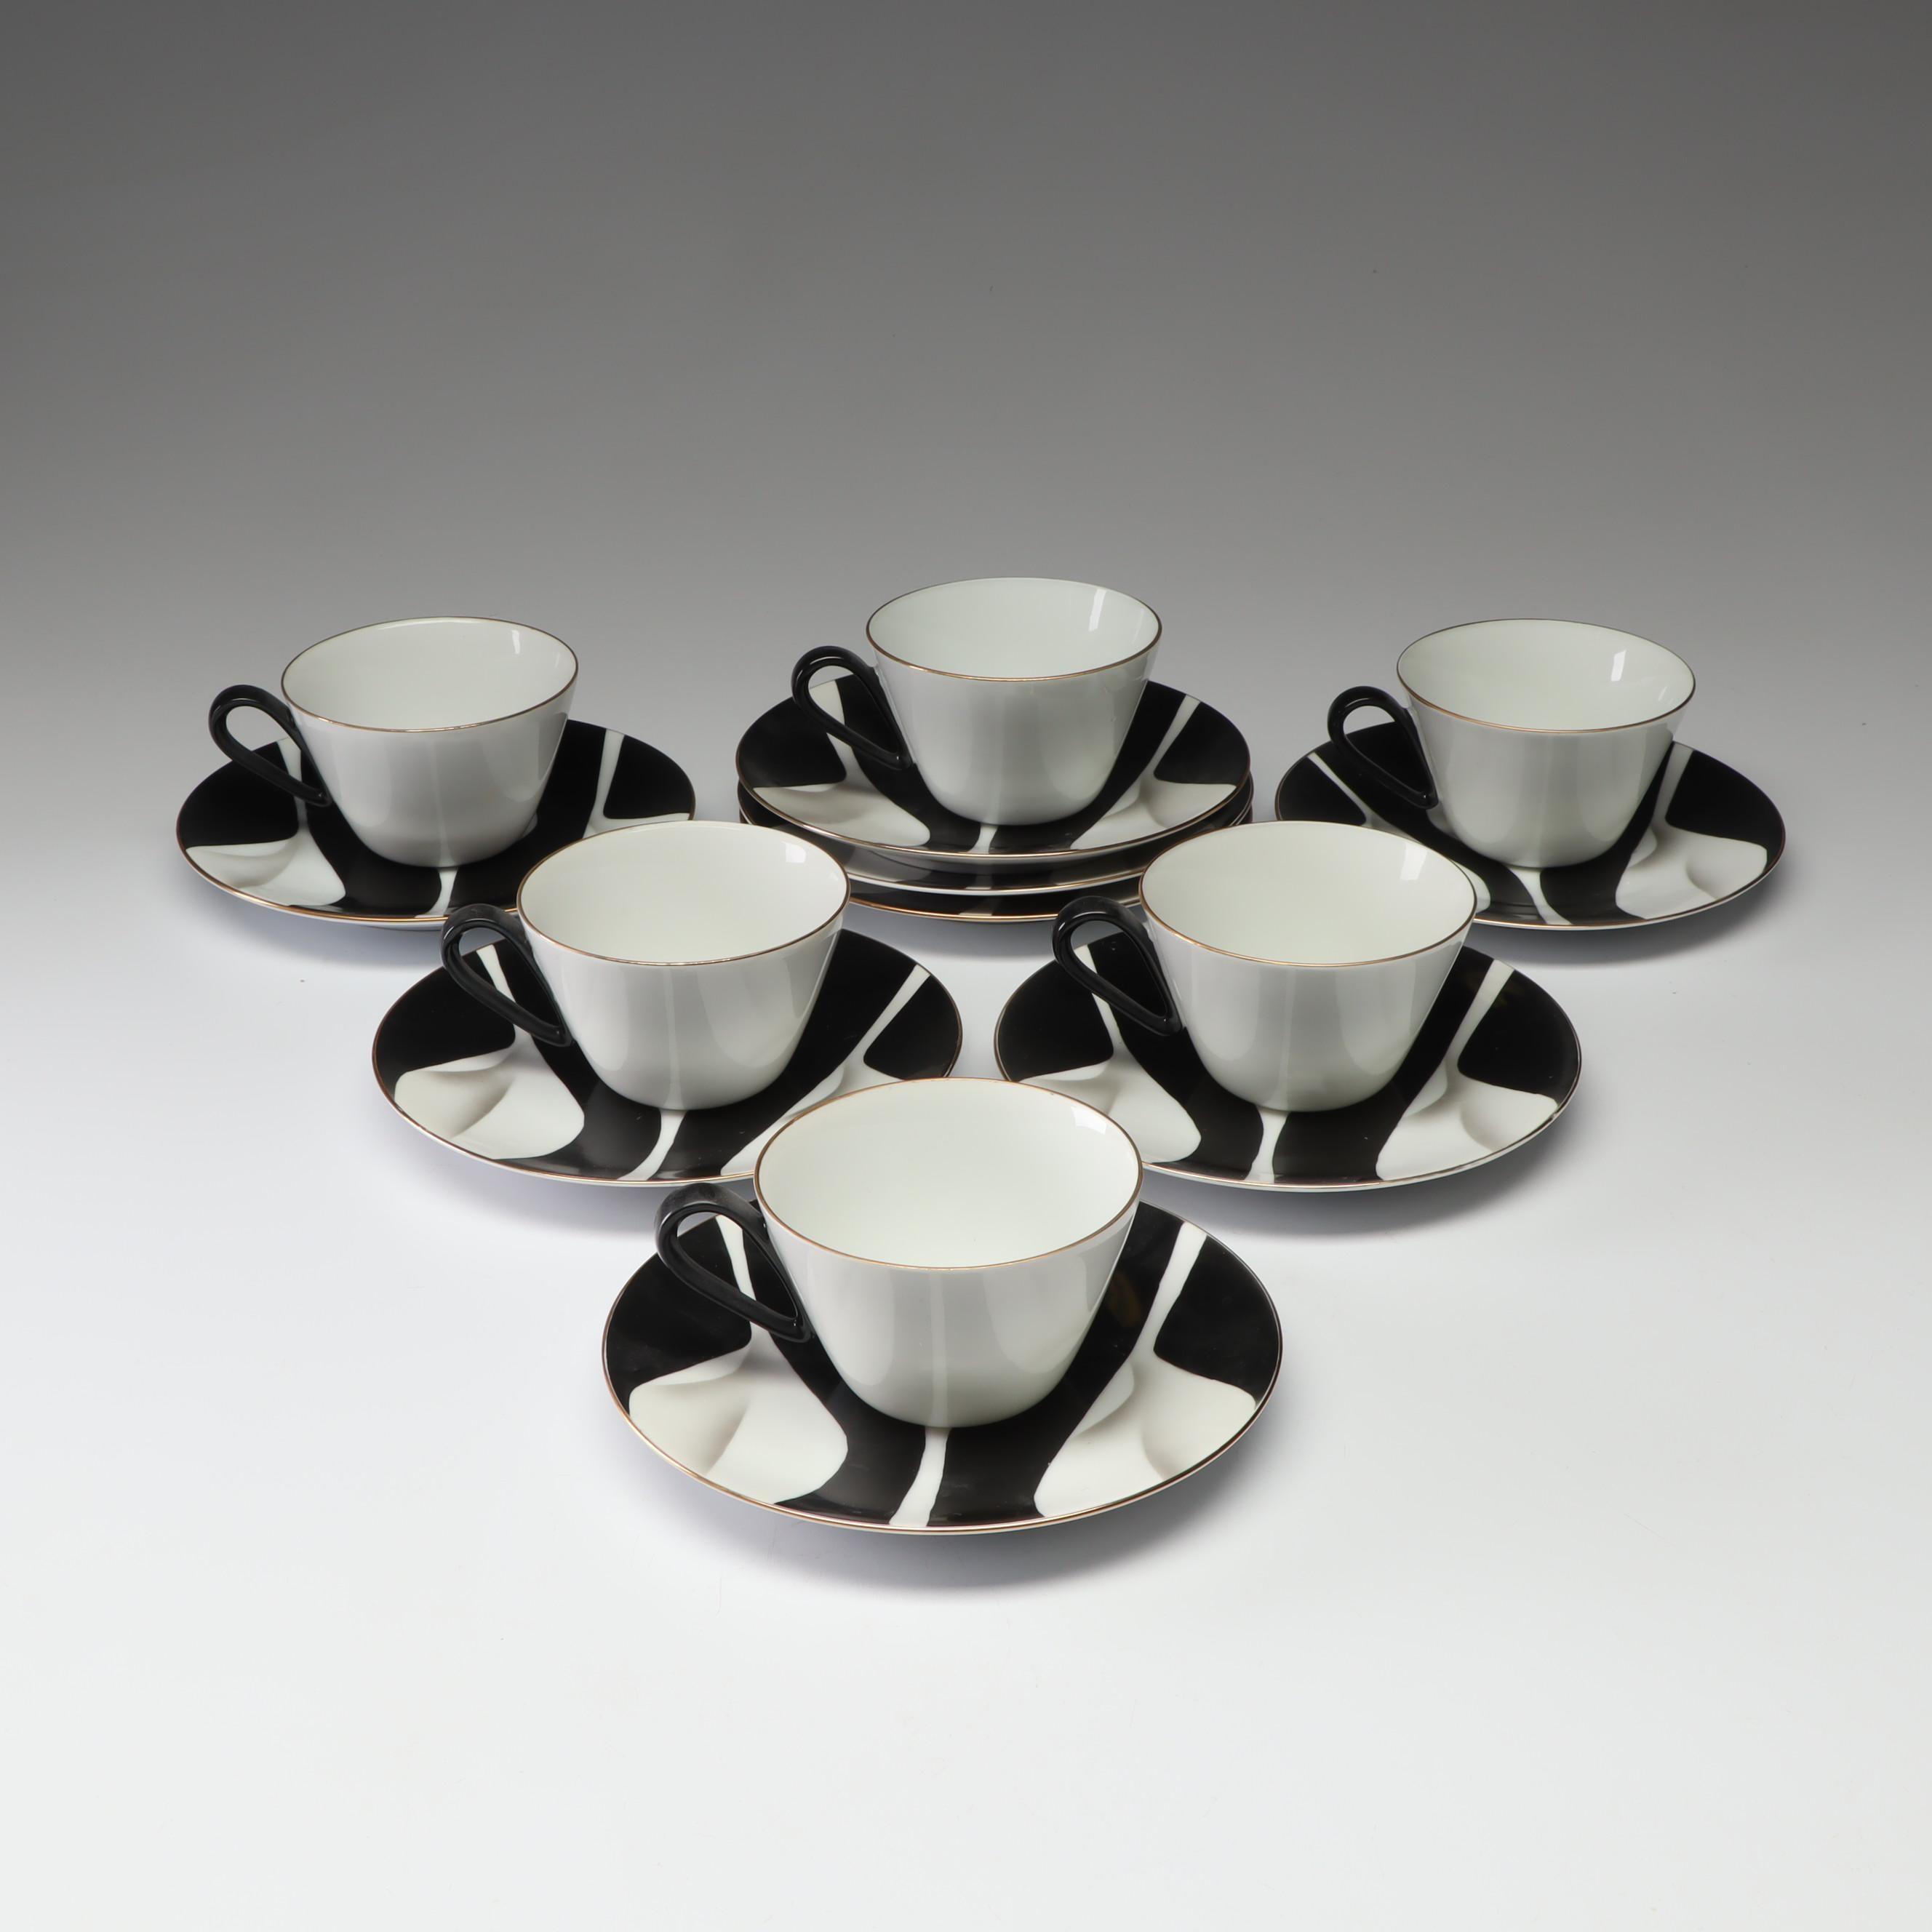 Koran Kogei Porcelain Cups and Saucers